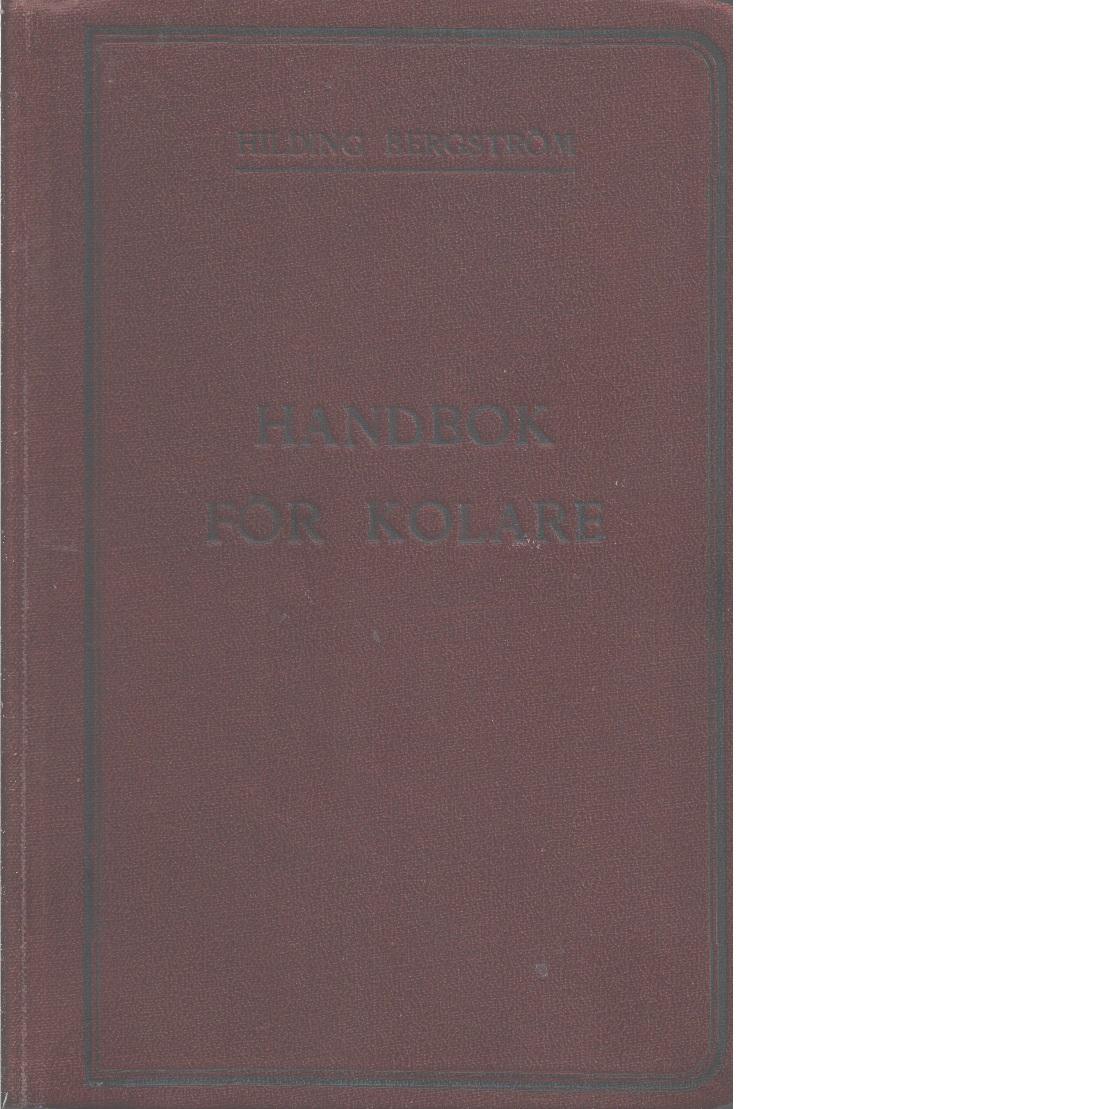 Handbok för kolare - Bergström, Hilding